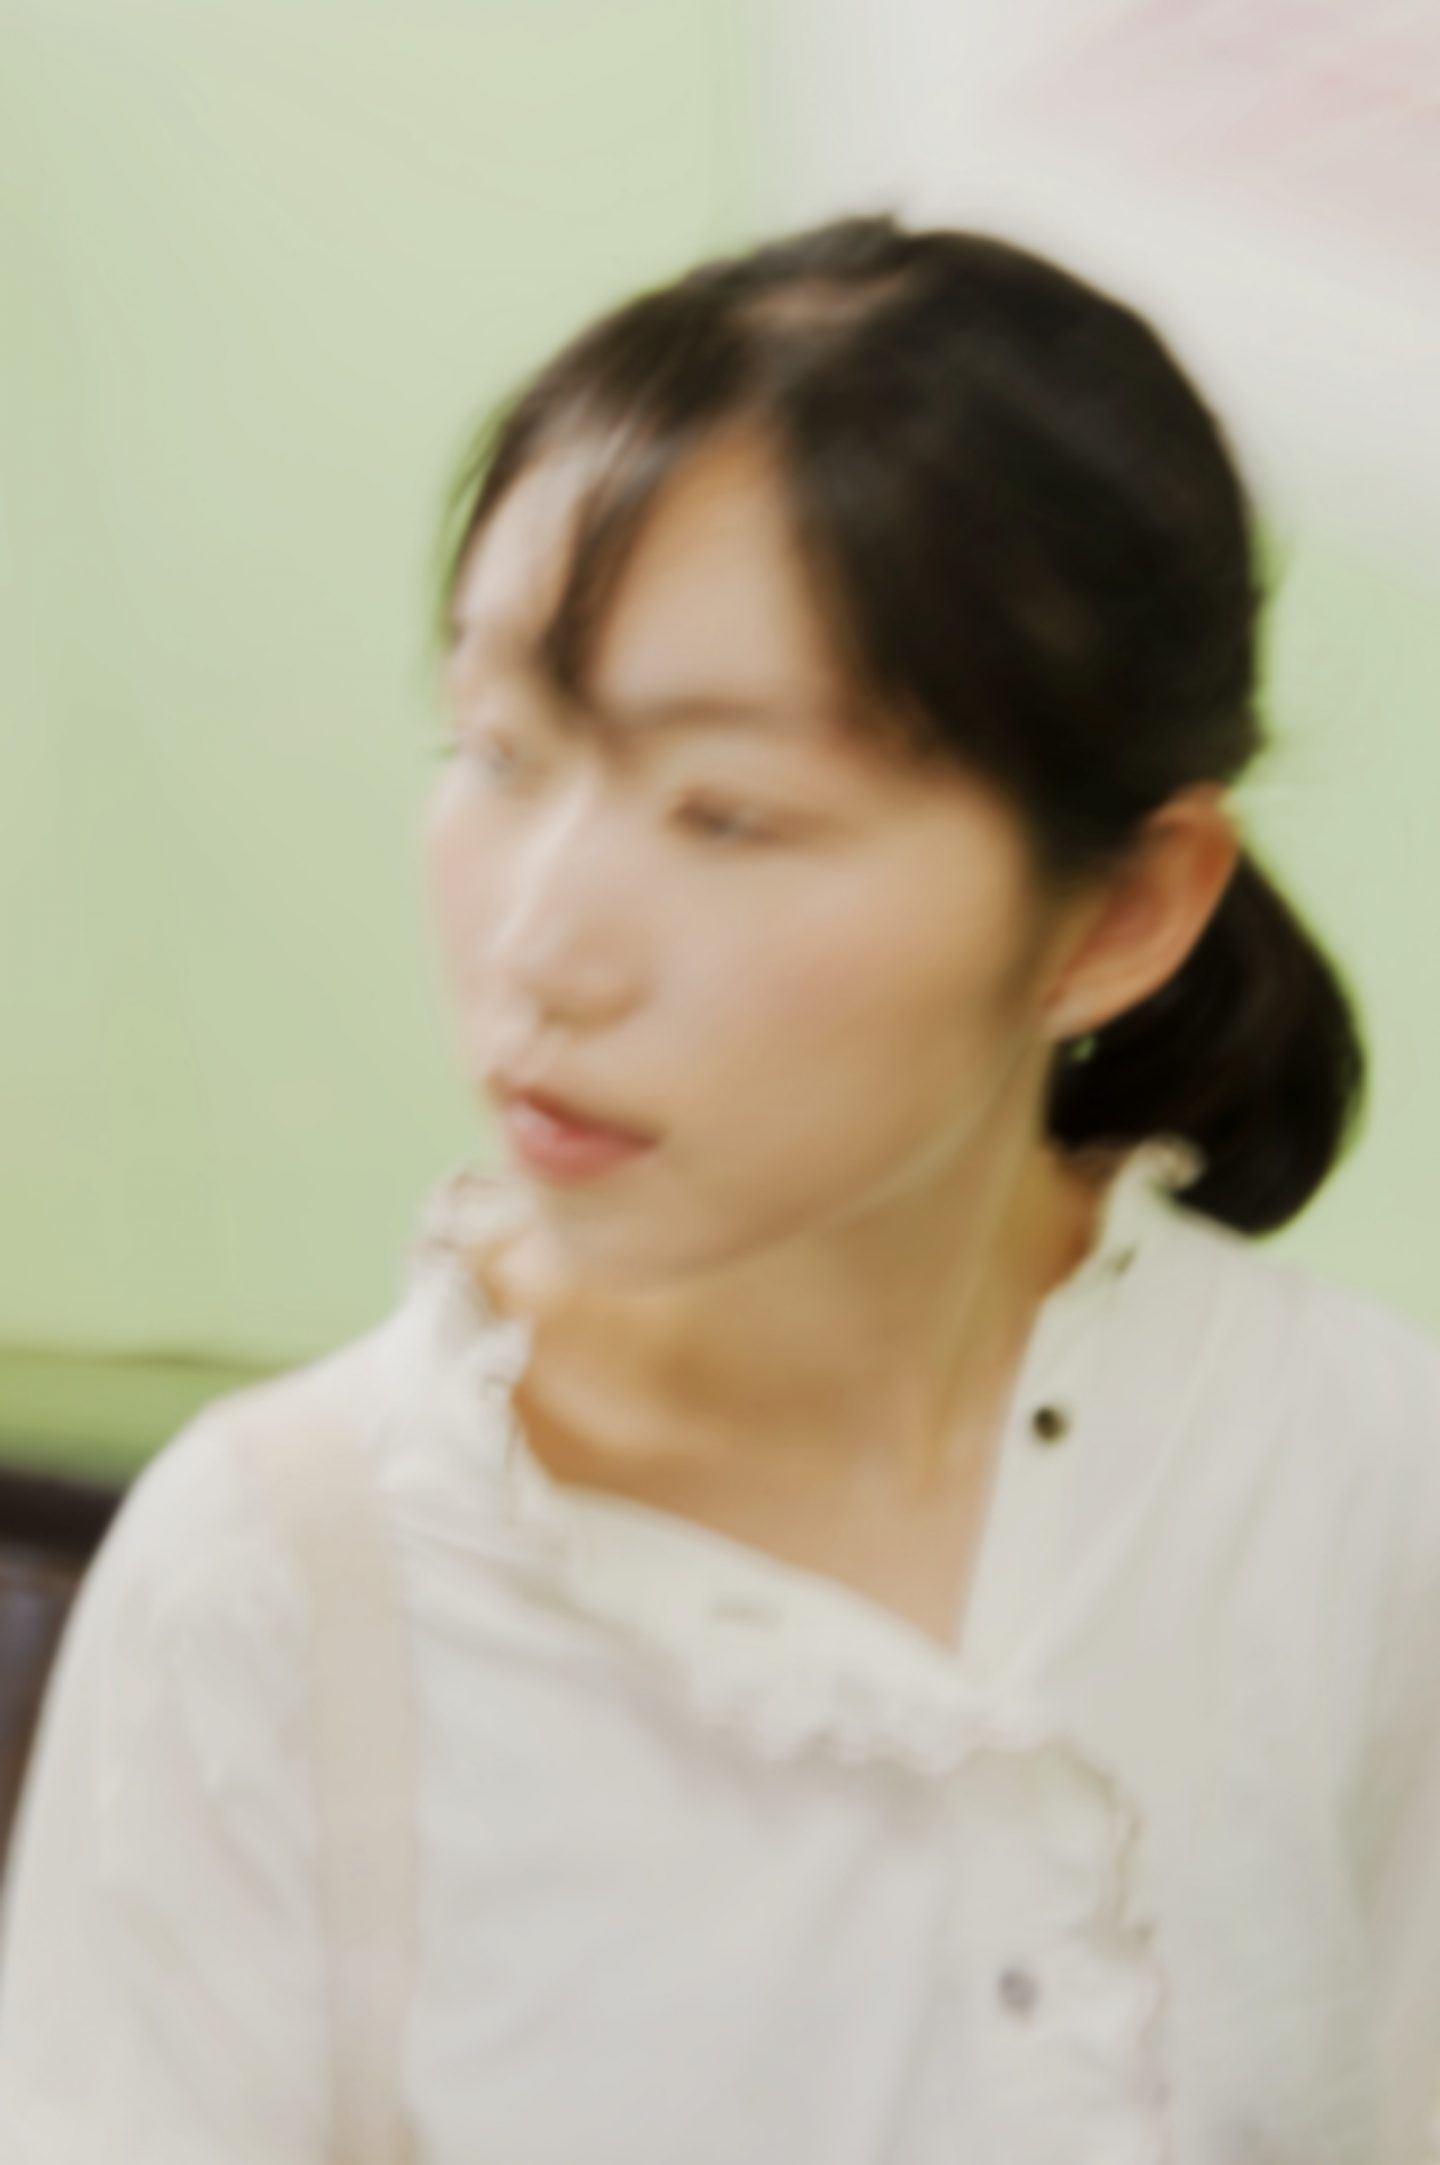 IGNANT-Photography-Kai-Wai-Wong-011